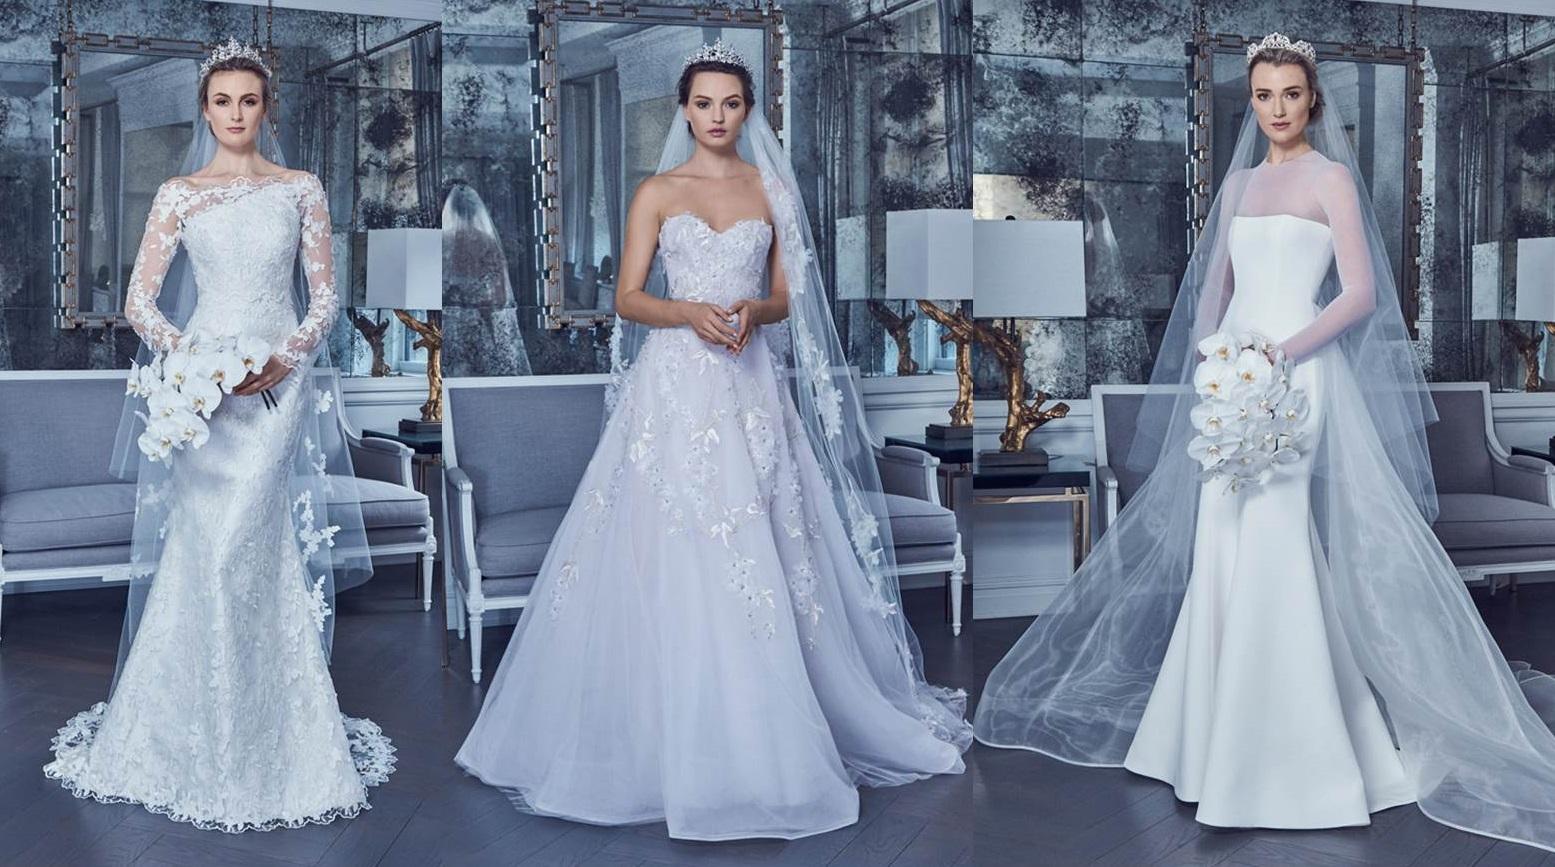 Abiti da sposa Romona Keveza 2019: la nuova collezione